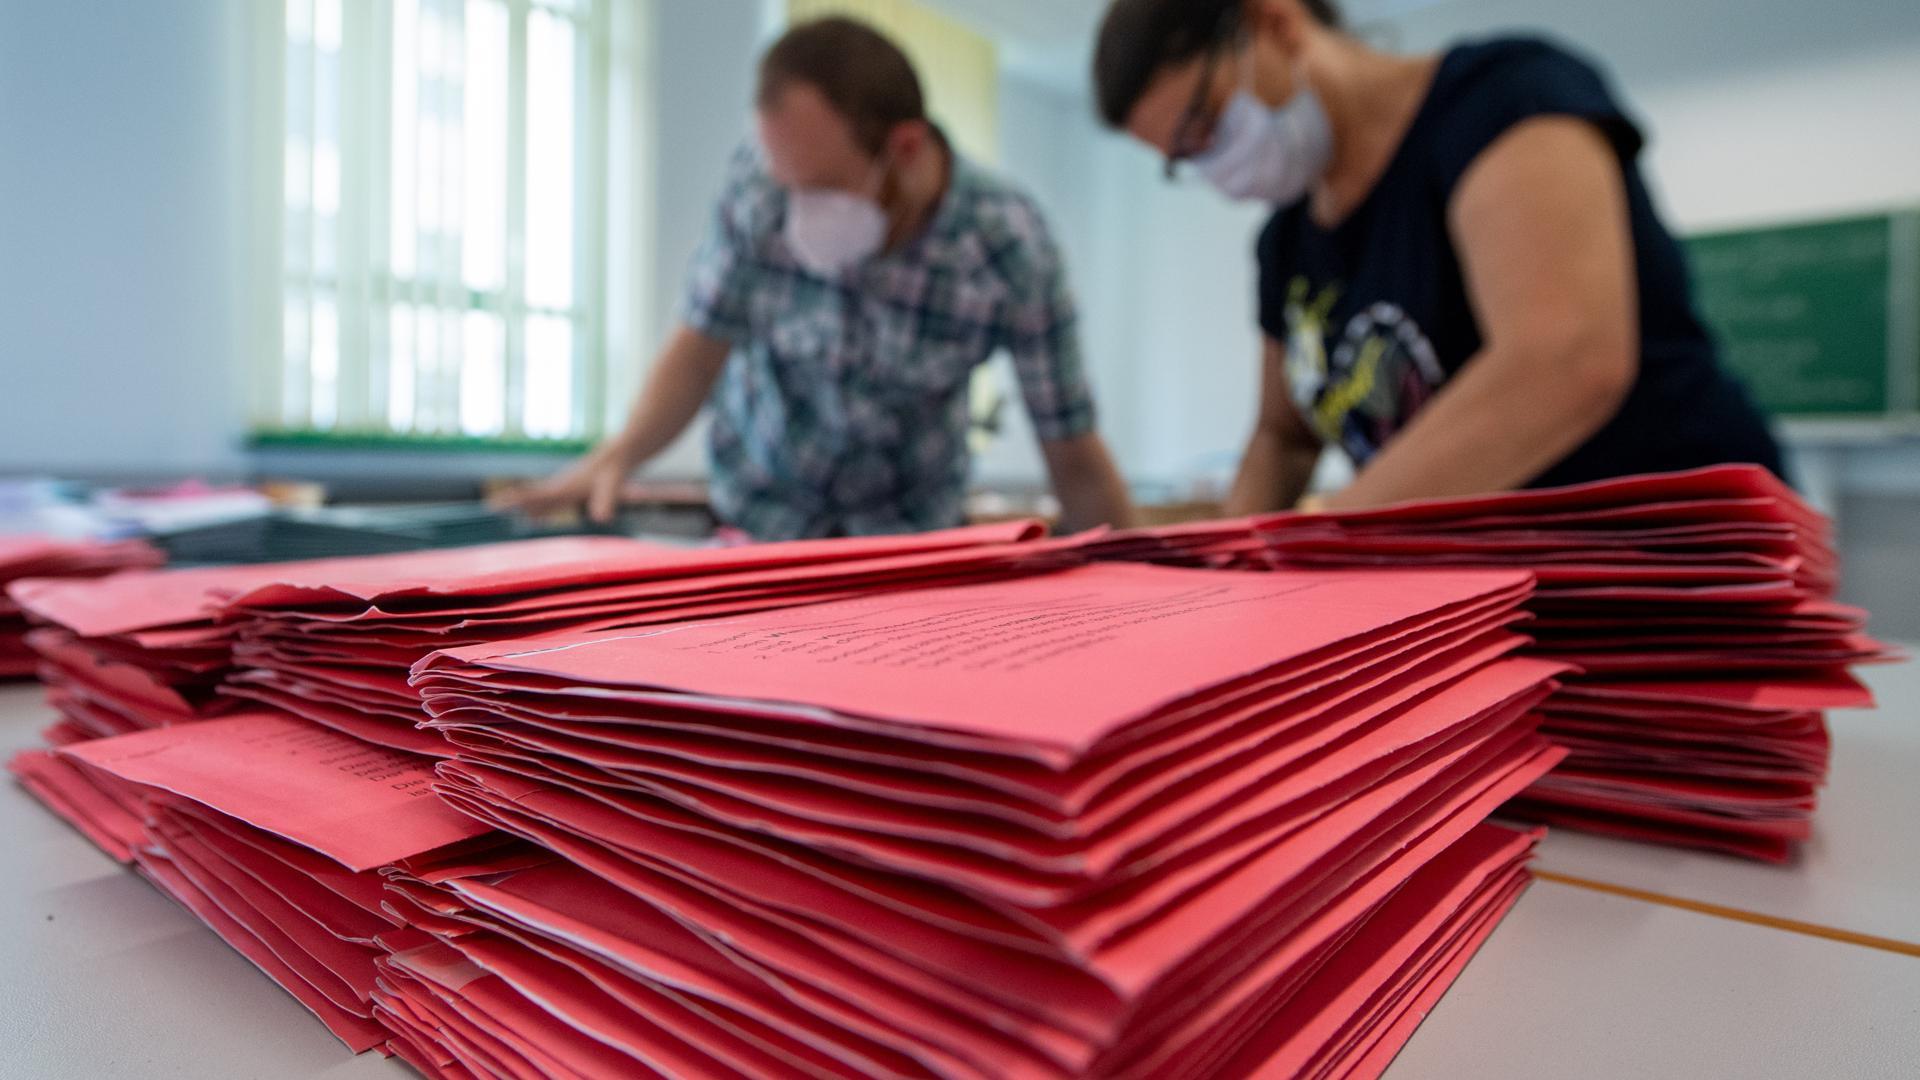 Die Briefwahl ist die Lösung: Jeder zweite Wähler und jede zweite Wählerin dürfte sich für den 26. September für die Briefwahl entscheiden. Die Kommunen stellen sich darauf ein, im Wahlkreis Offenburg gibt es 75 Briefwahlbezirke.